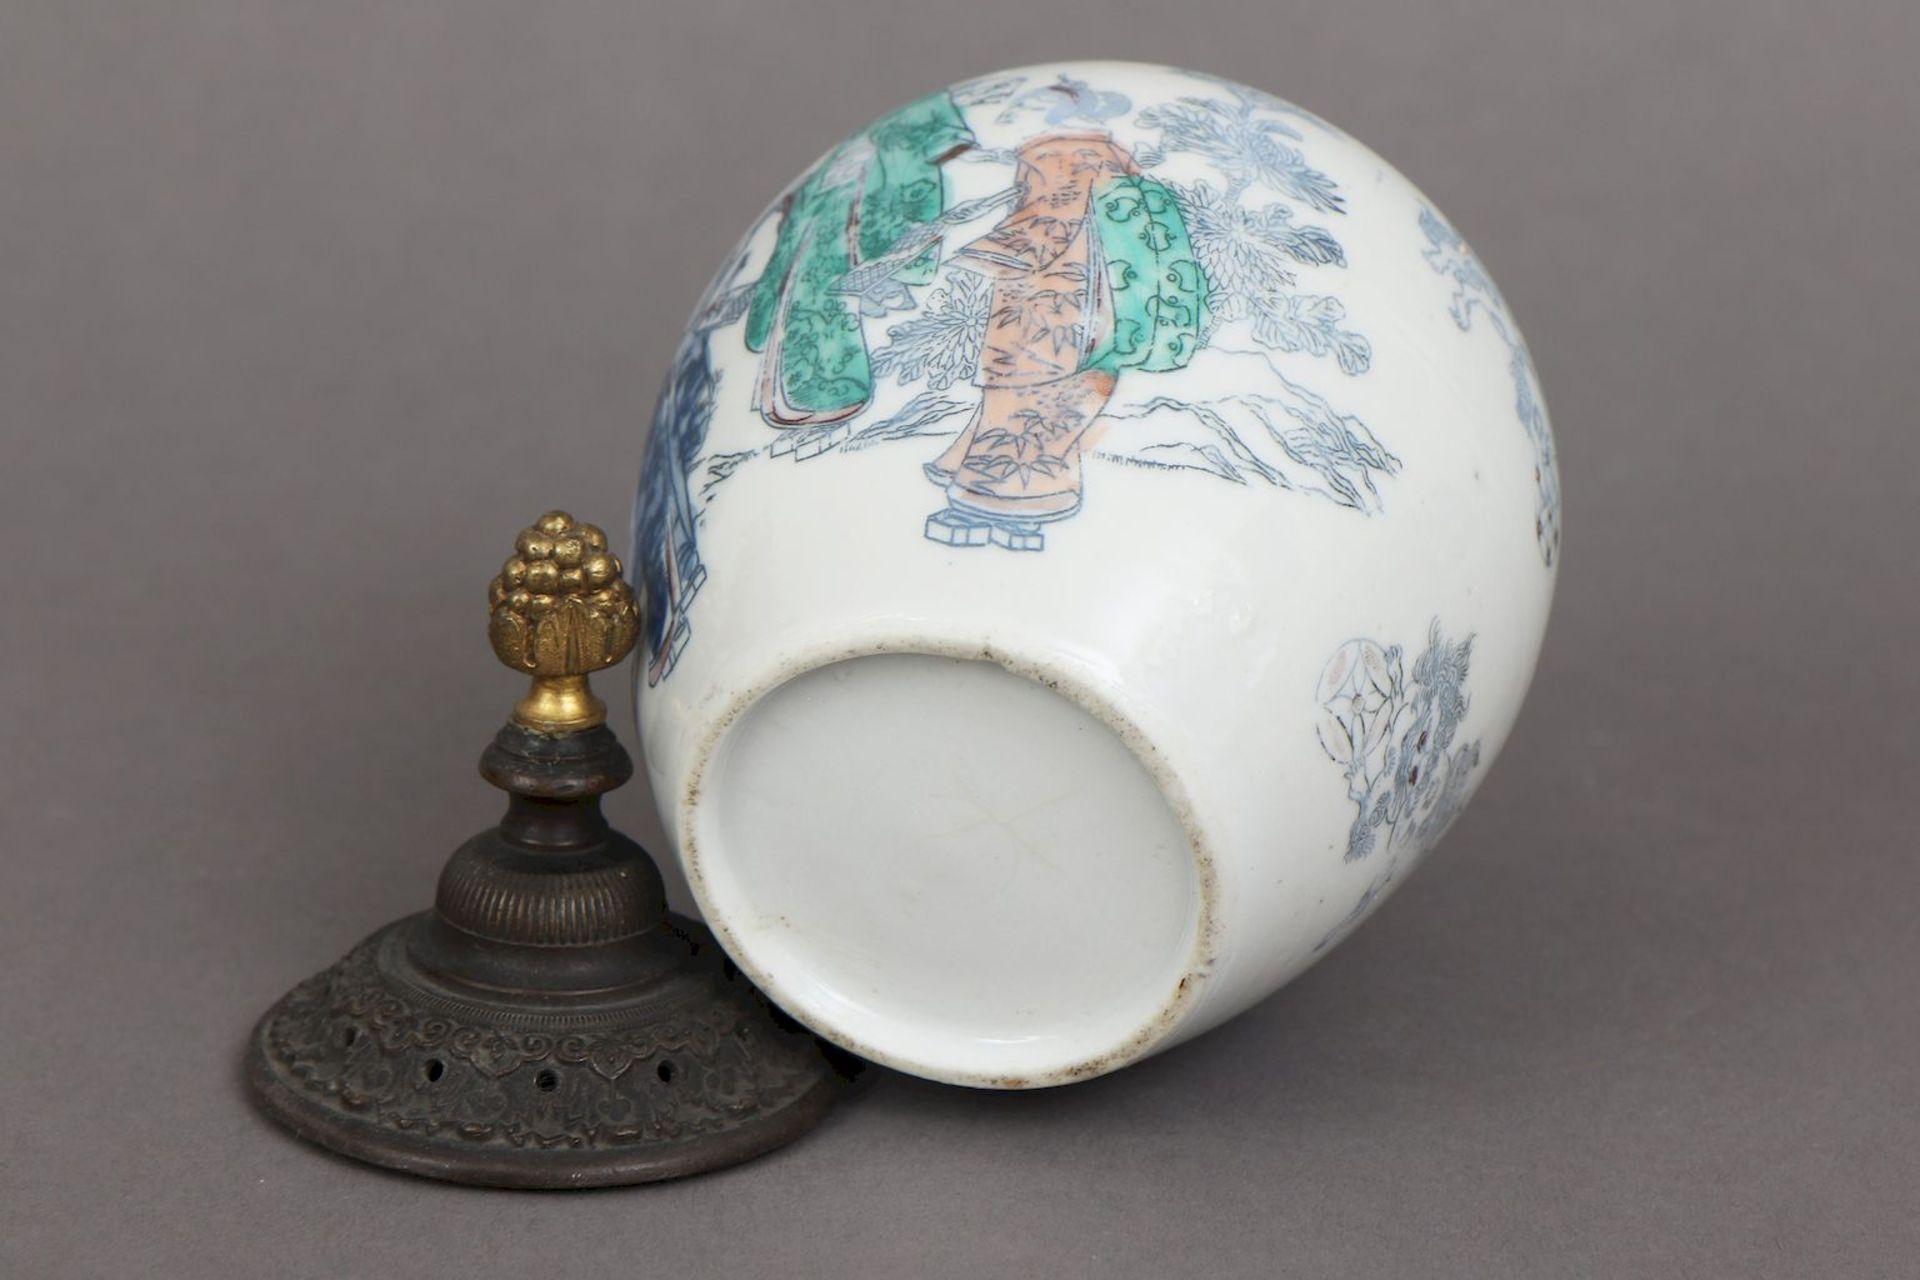 Chinesisches Deckelgefäß - Bild 3 aus 5